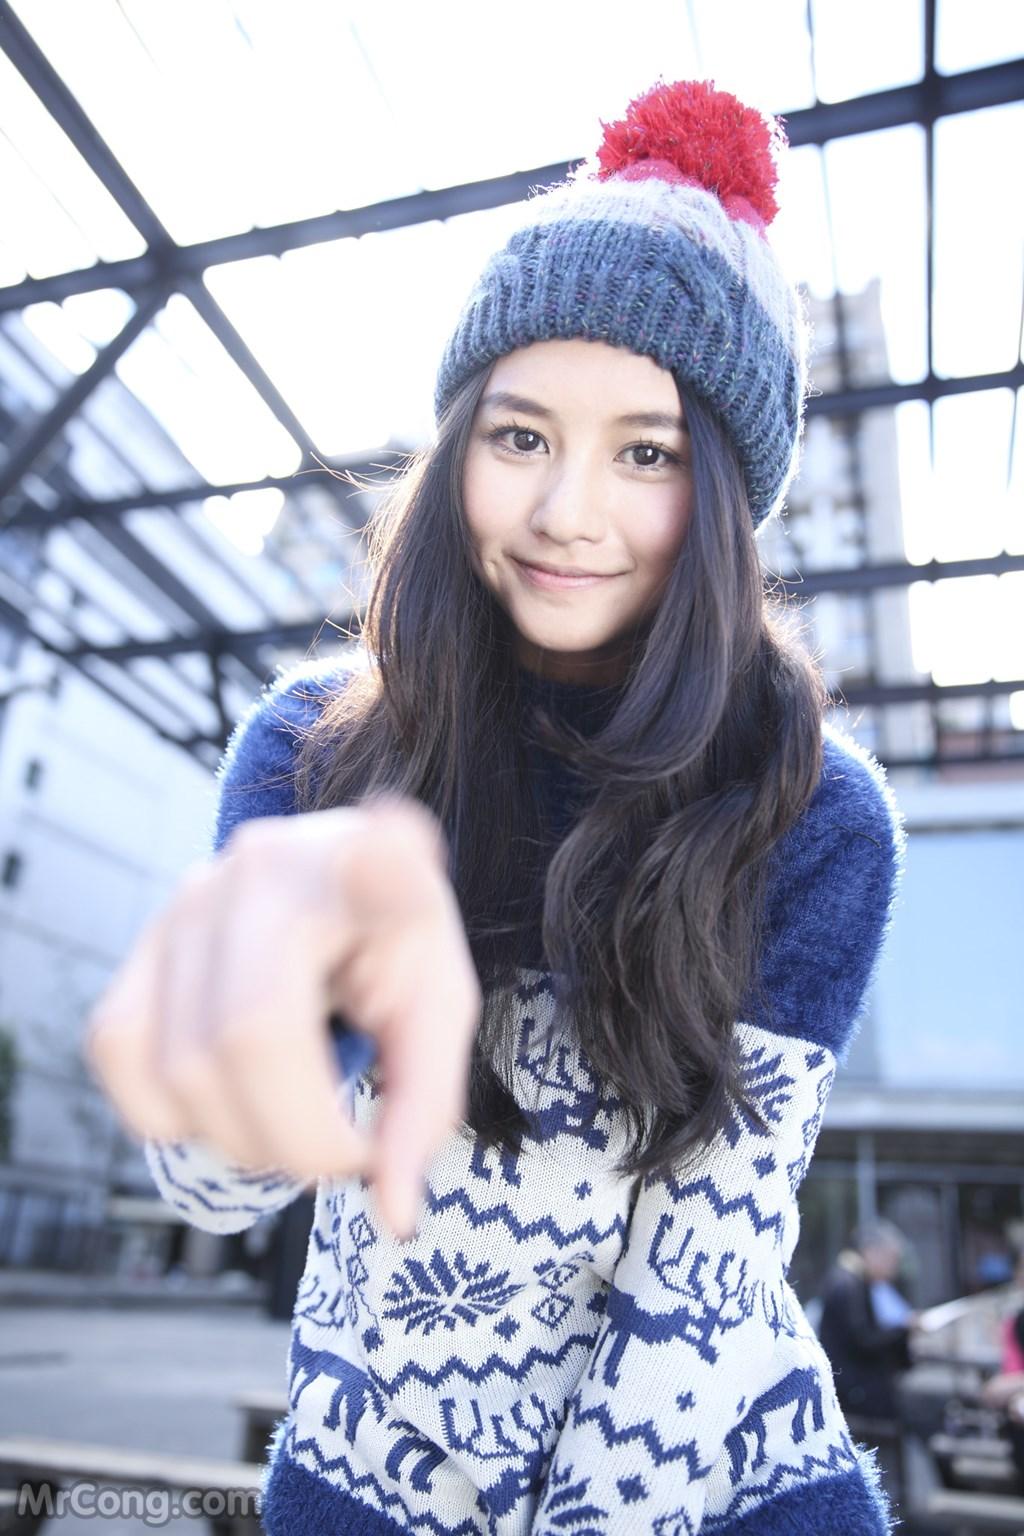 Image Girl-xinh-Dai-Loan-by-Joseph-Huang-Phan-1-MrCong.com-0004 in post Các cô gái Đài Loan qua góc chụp của Joseph Huang (黃阿文) - Phần 1 (1480 ảnh)